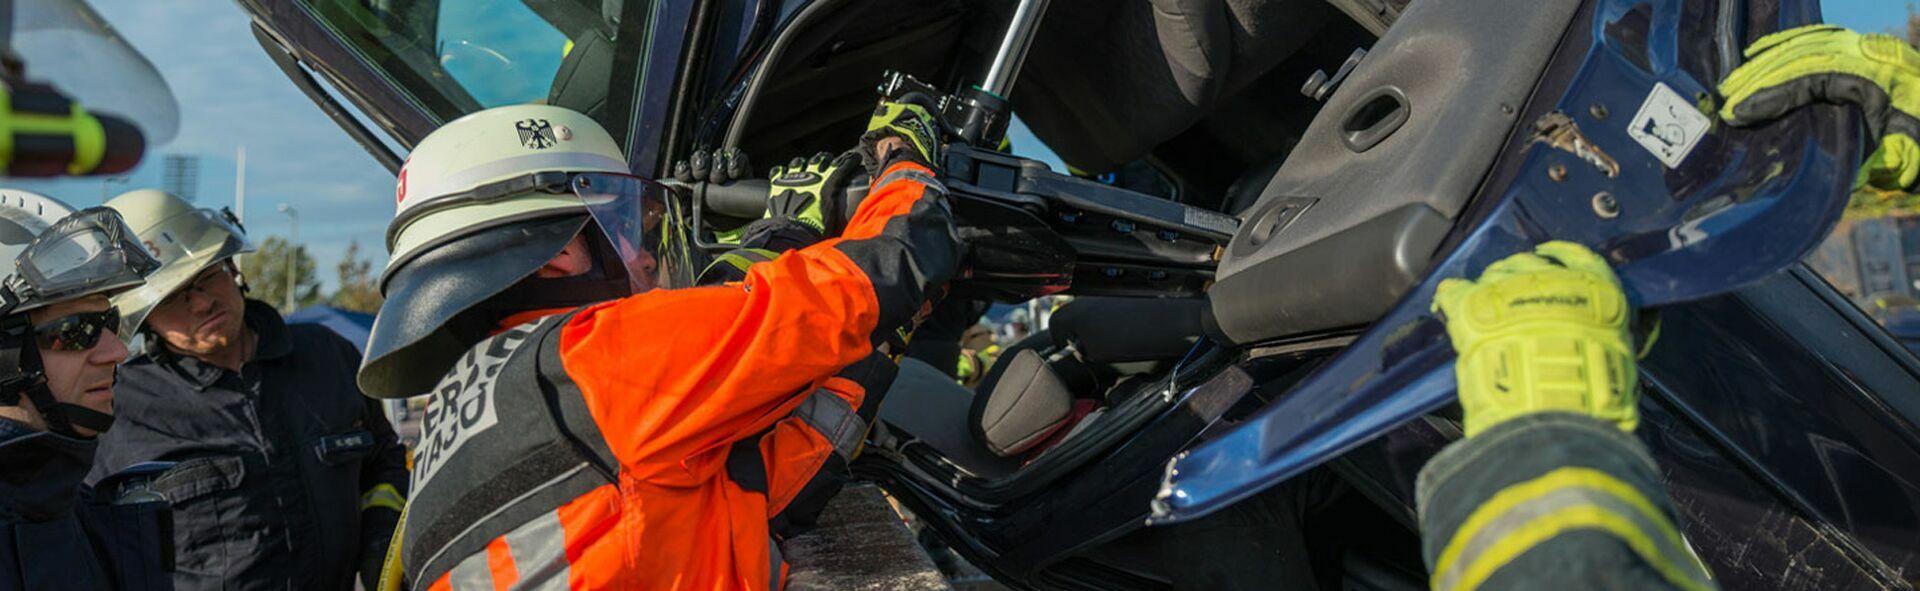 Weber Rettungswerkzeug im Einsatz